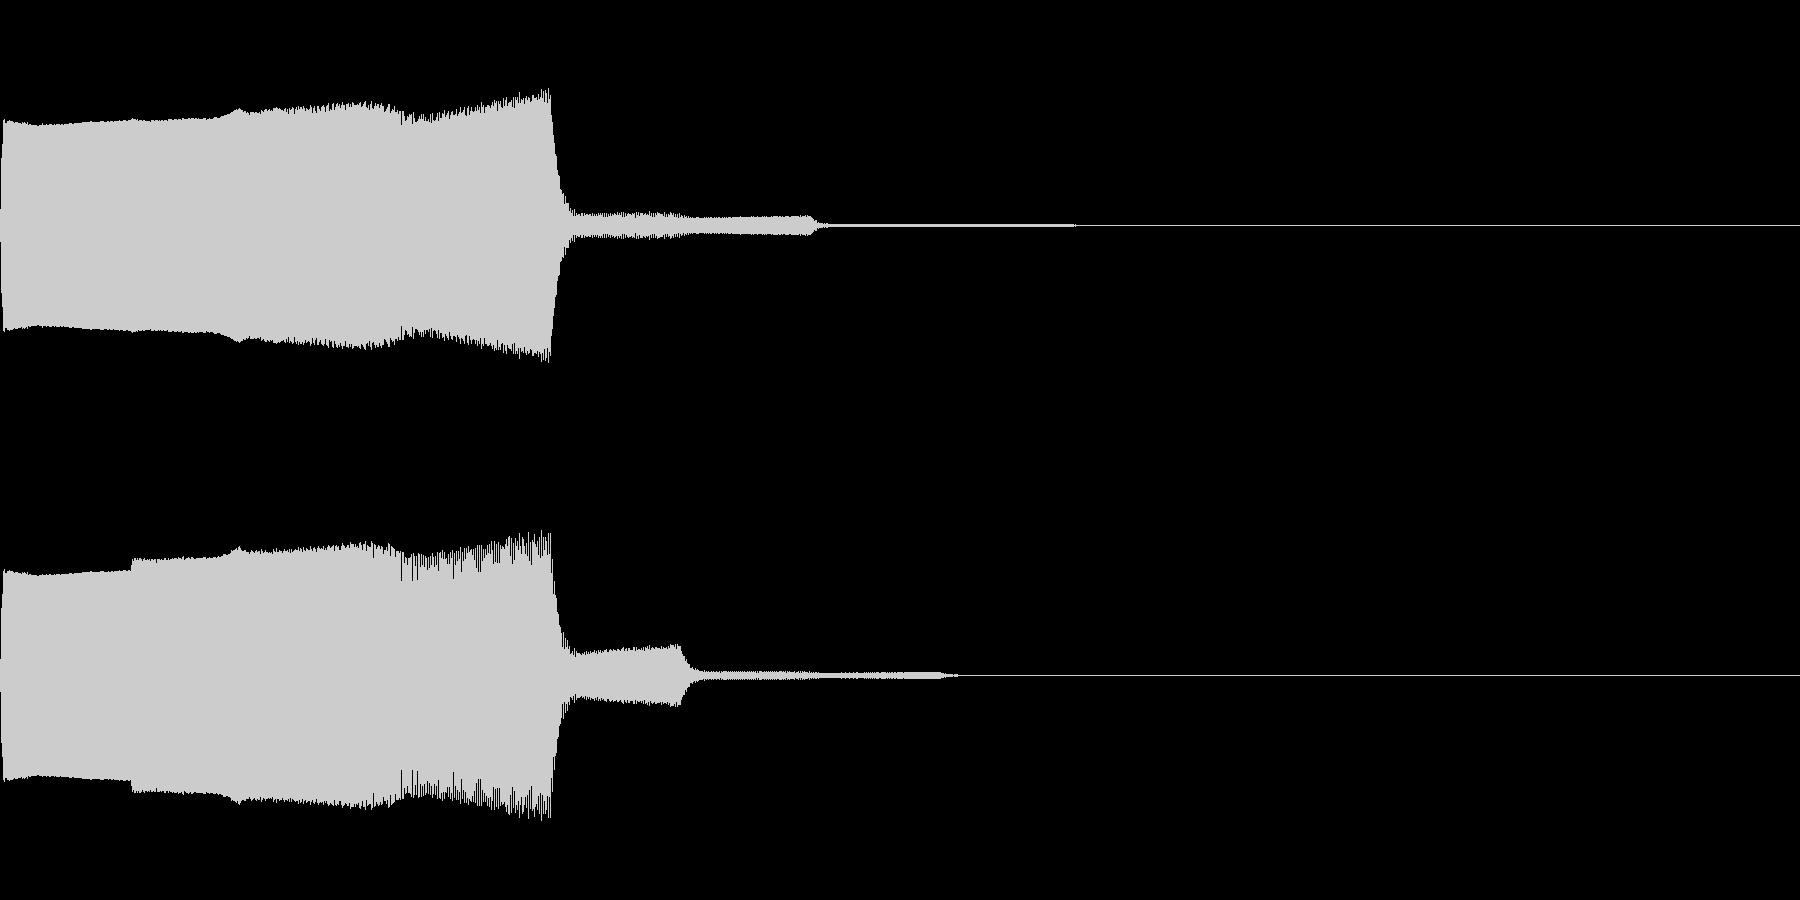 落下音01(電子音系)の未再生の波形